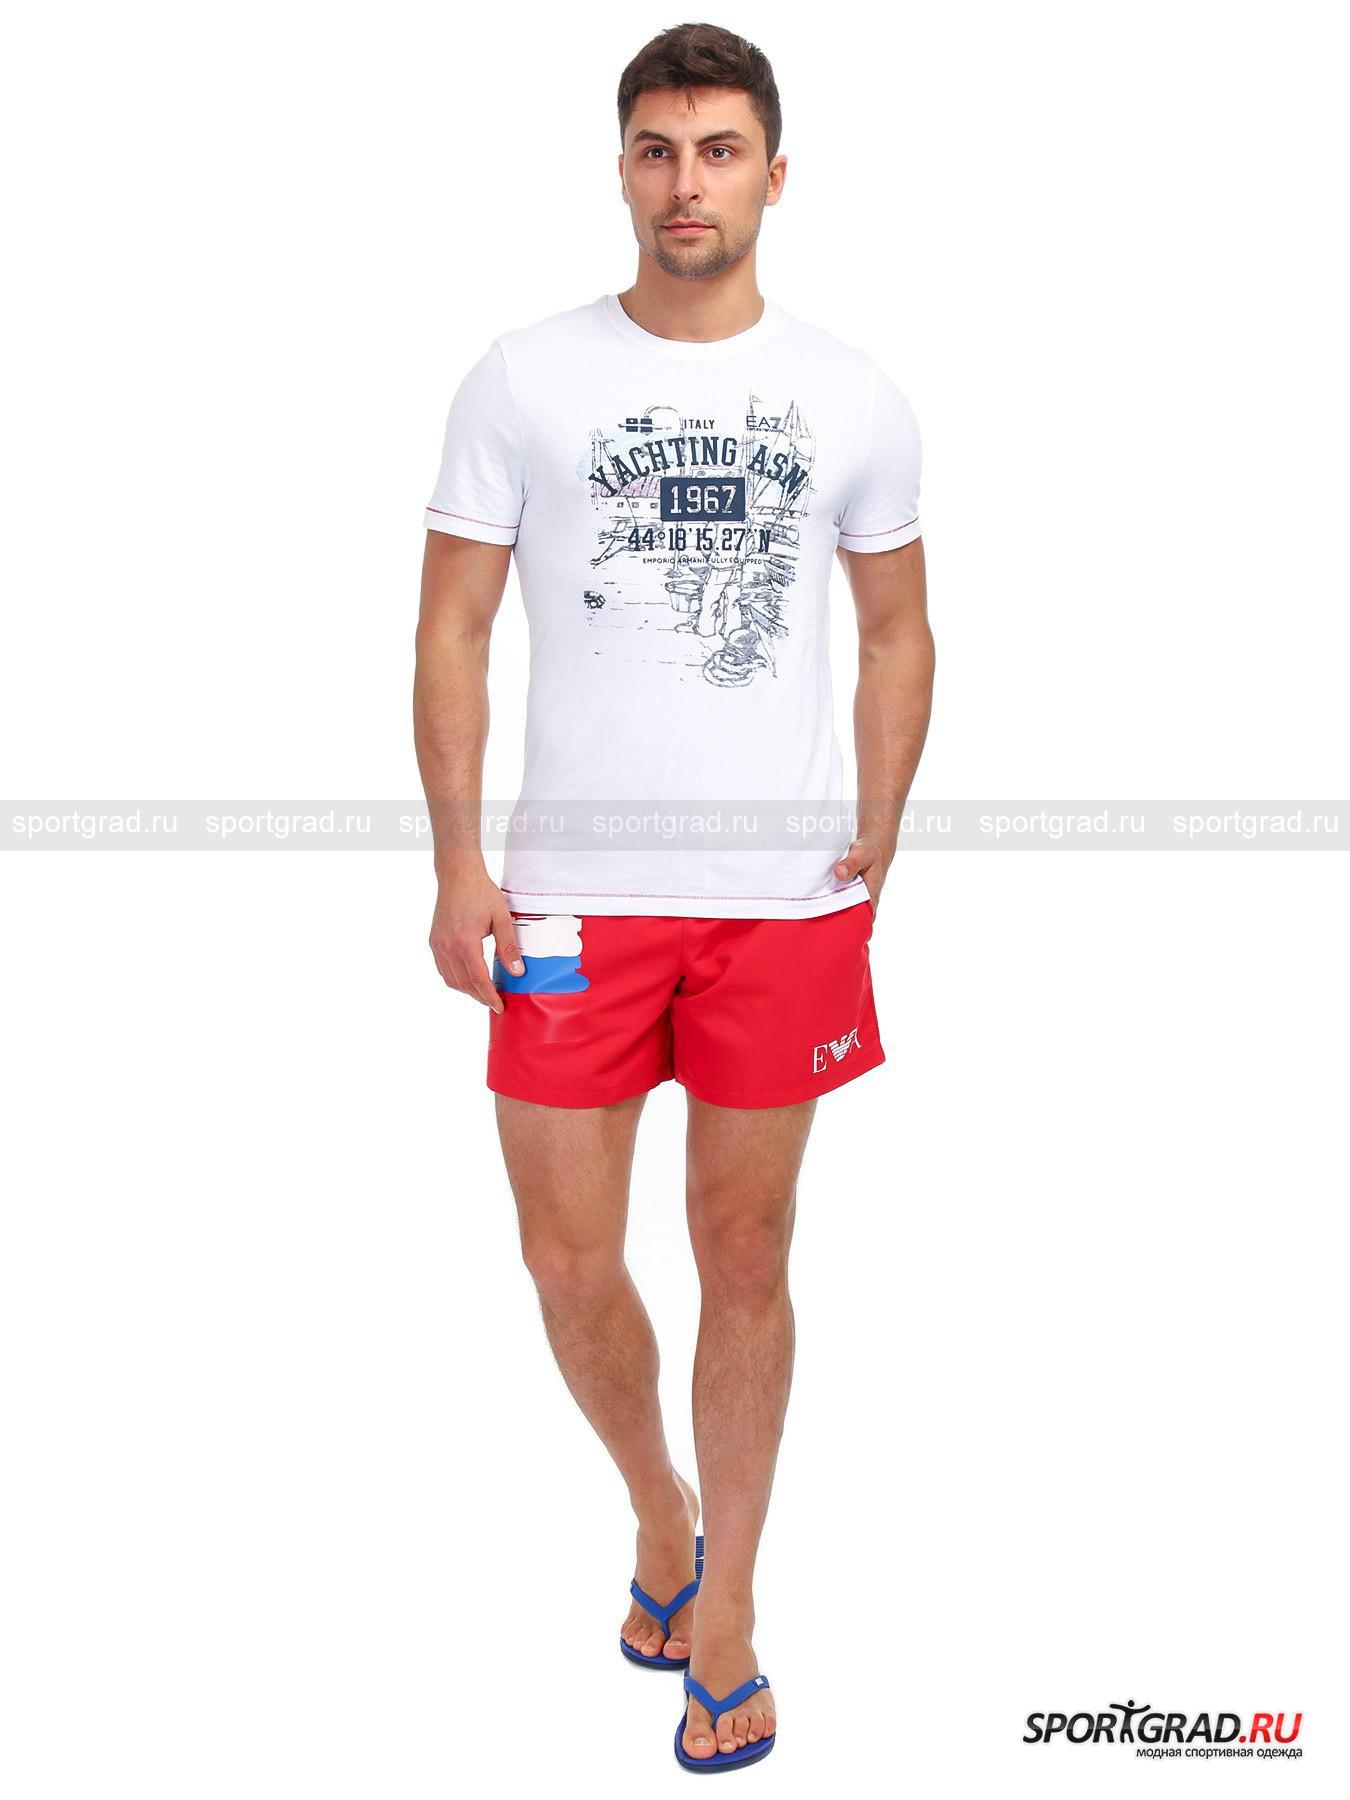 Шорты пляжные мужские SWIMWEAR BOXER EMPORIO ARMANI от Спортград